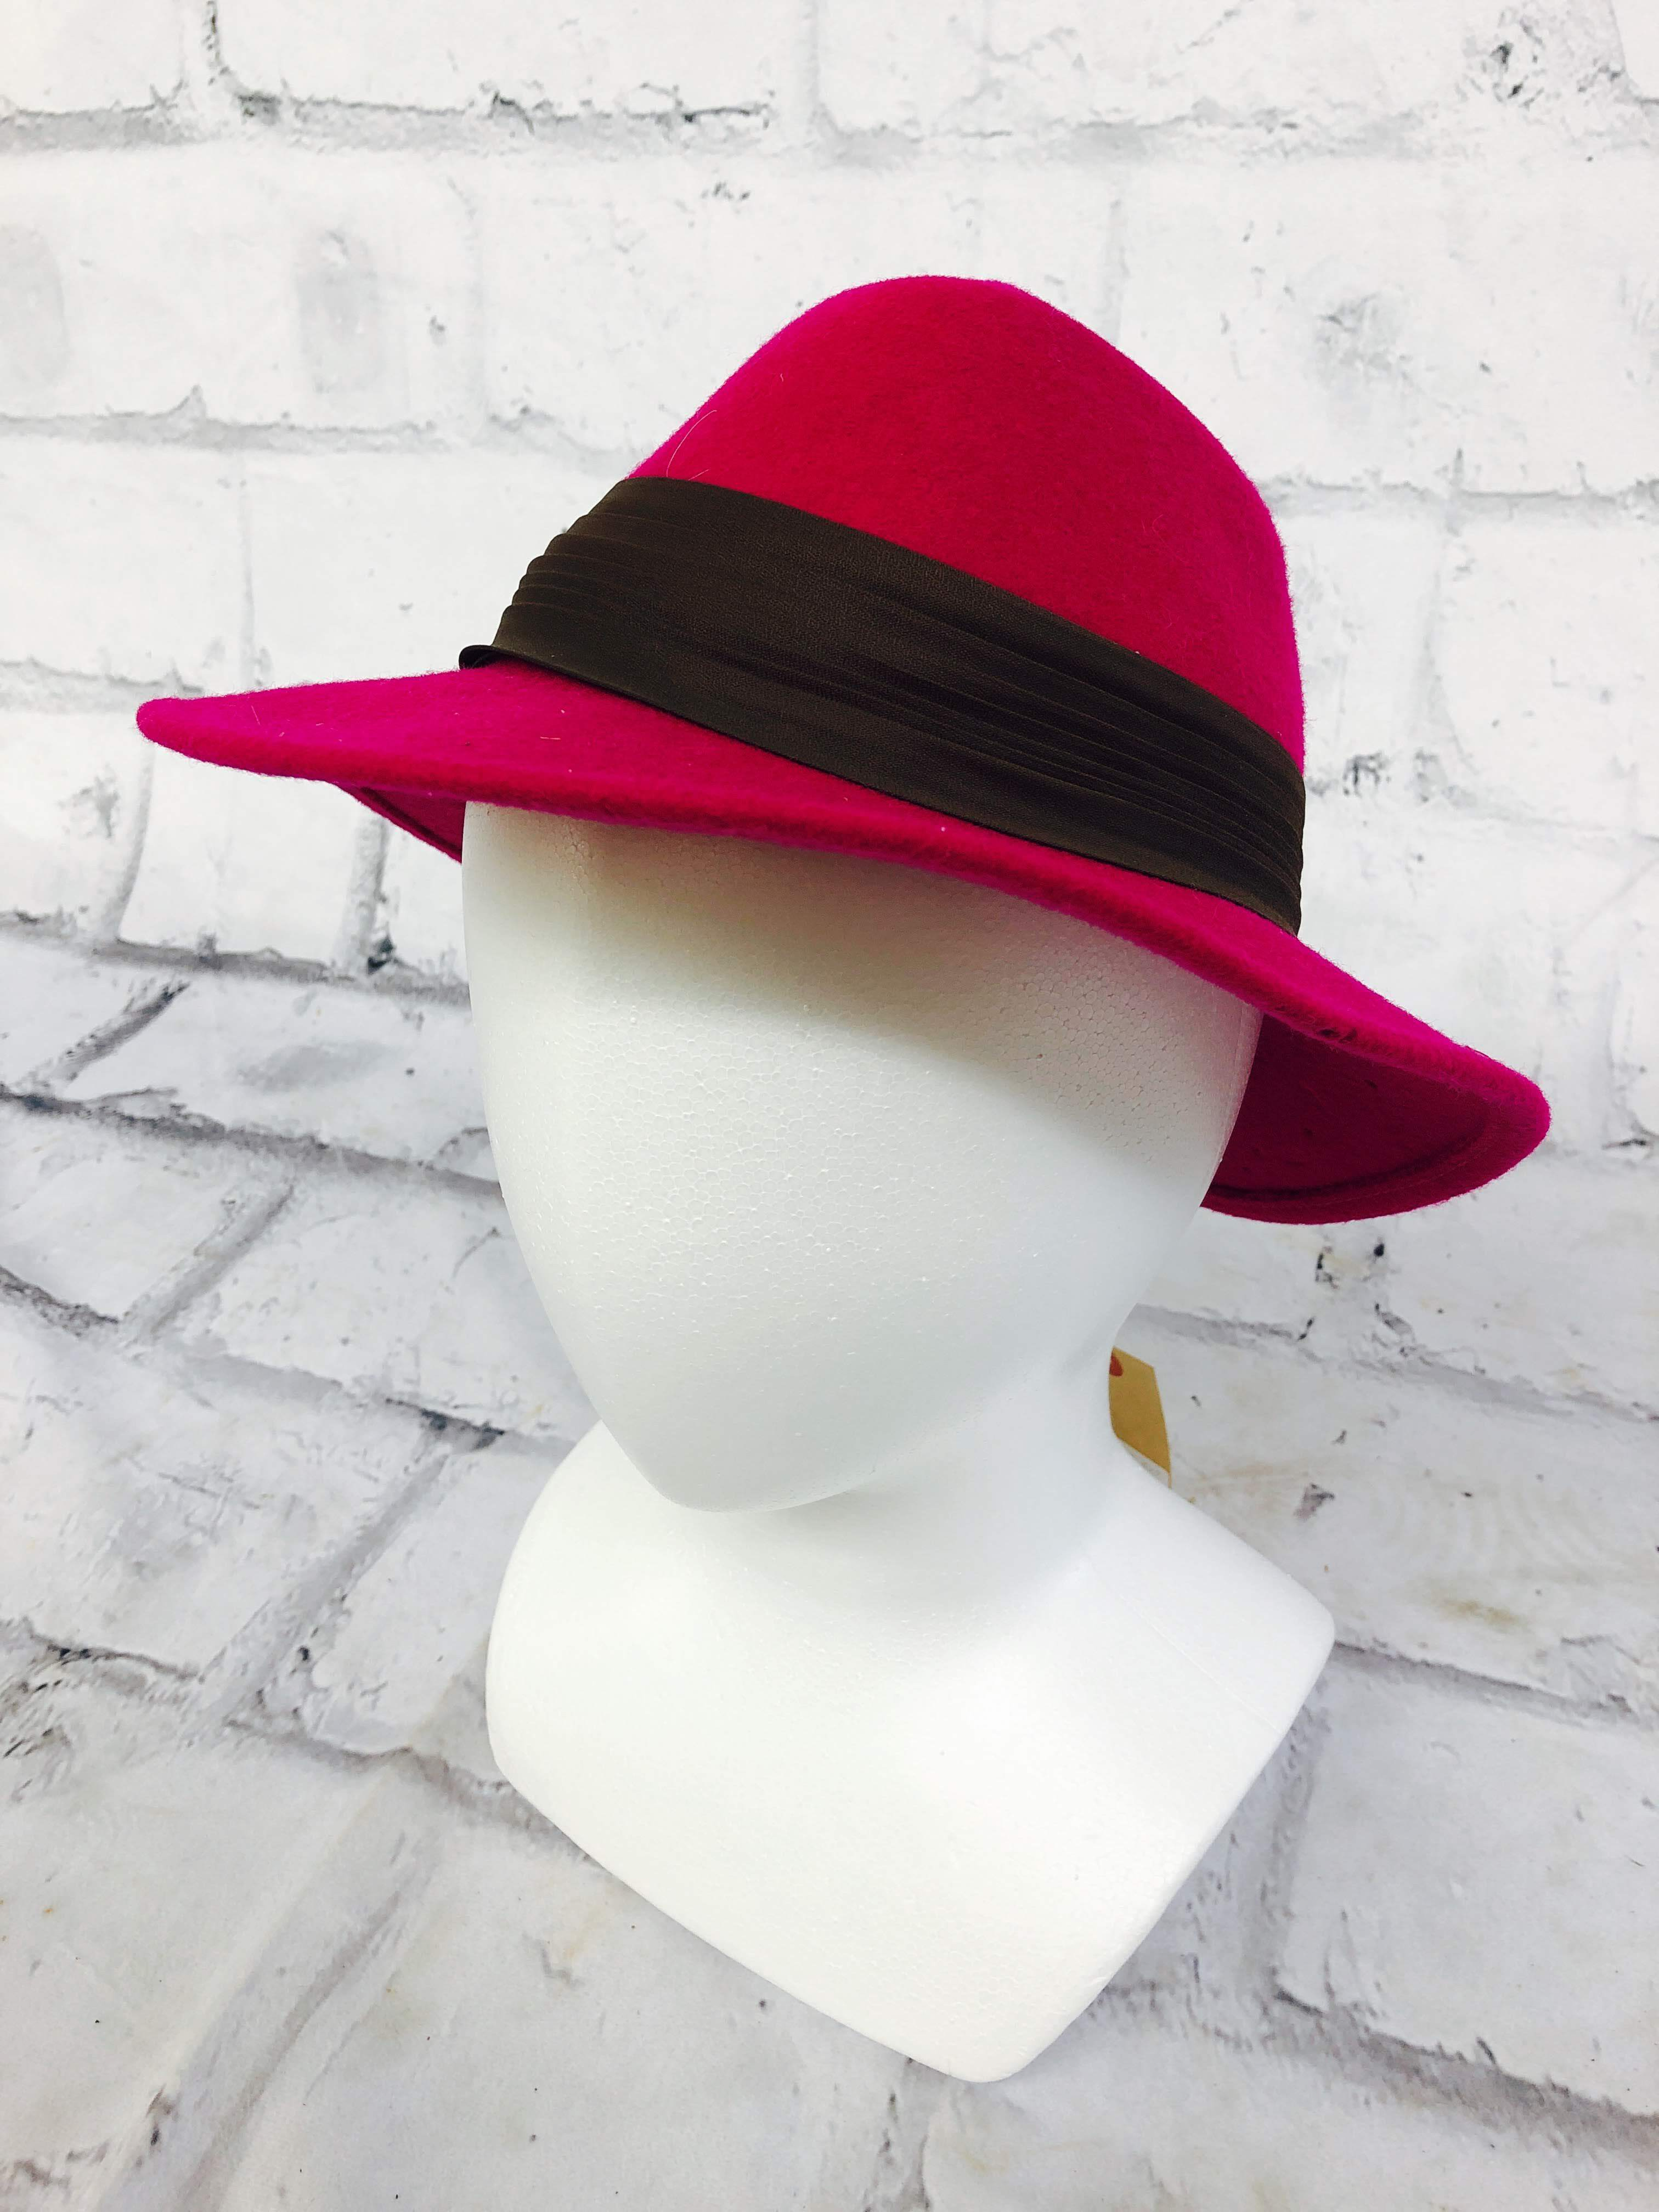 品番1218 フェルトハット ウールハット Lancaster(ランカスター) ピンク 帽子 ハットバンド レディース ヴィンテージ